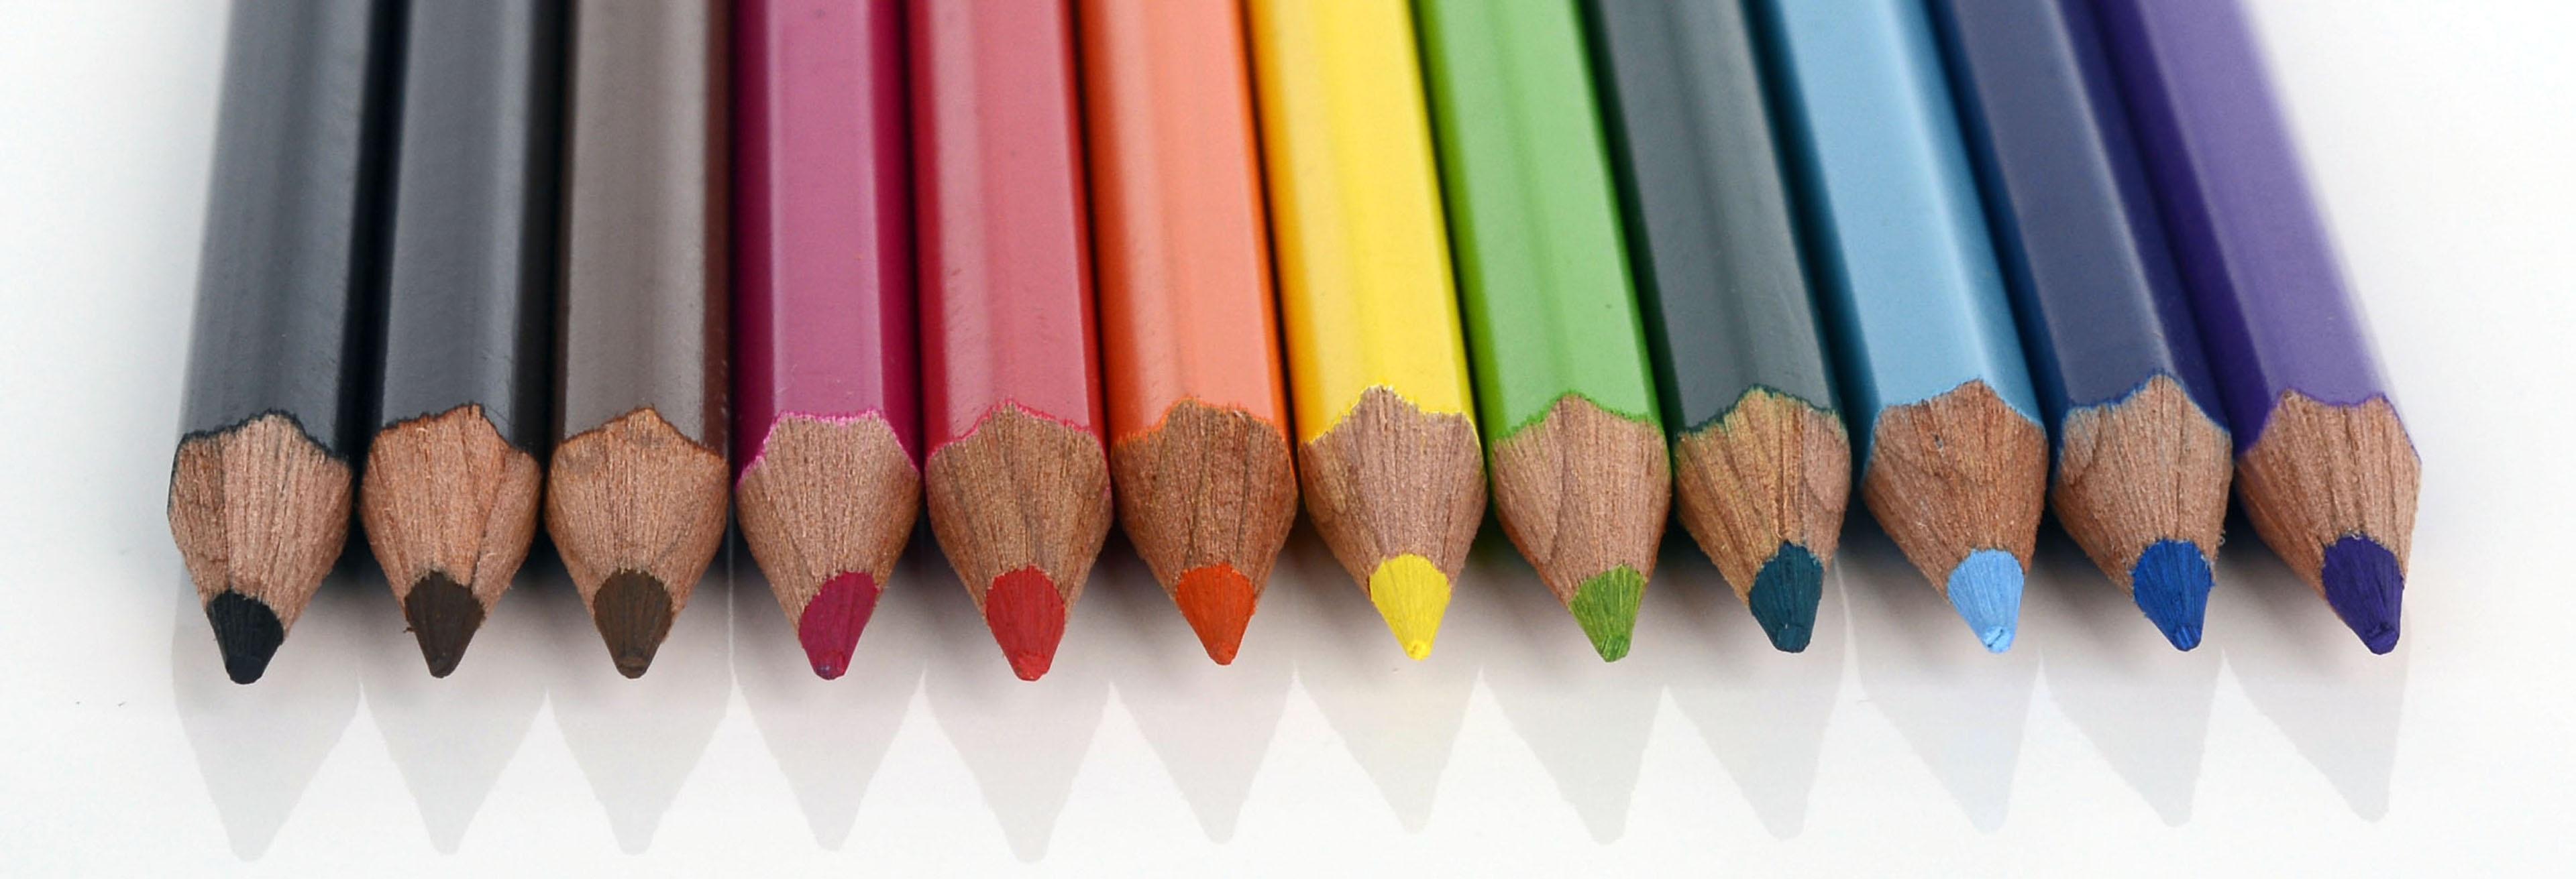 Hình ảnh Bút Chì Gỗ Cây Bút Biểu Ngữ Sơn đầy Màu Sắc